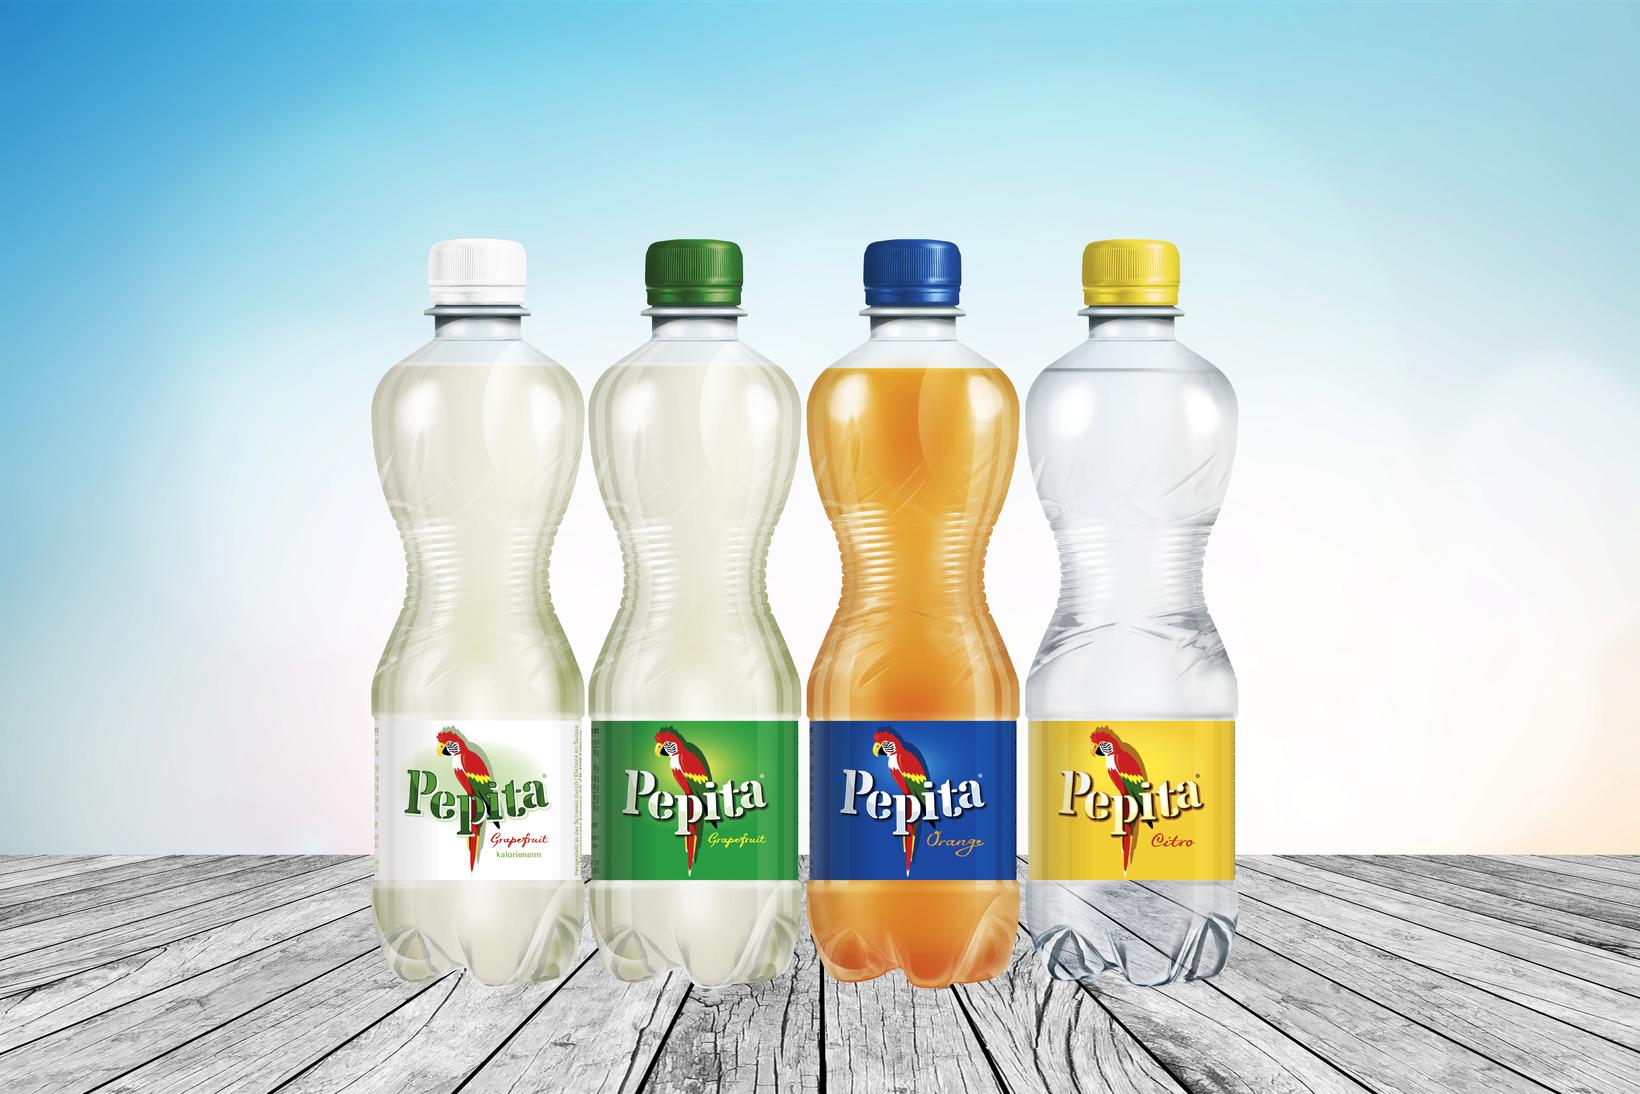 Pepita Home - Das Grapefruit-Getränk